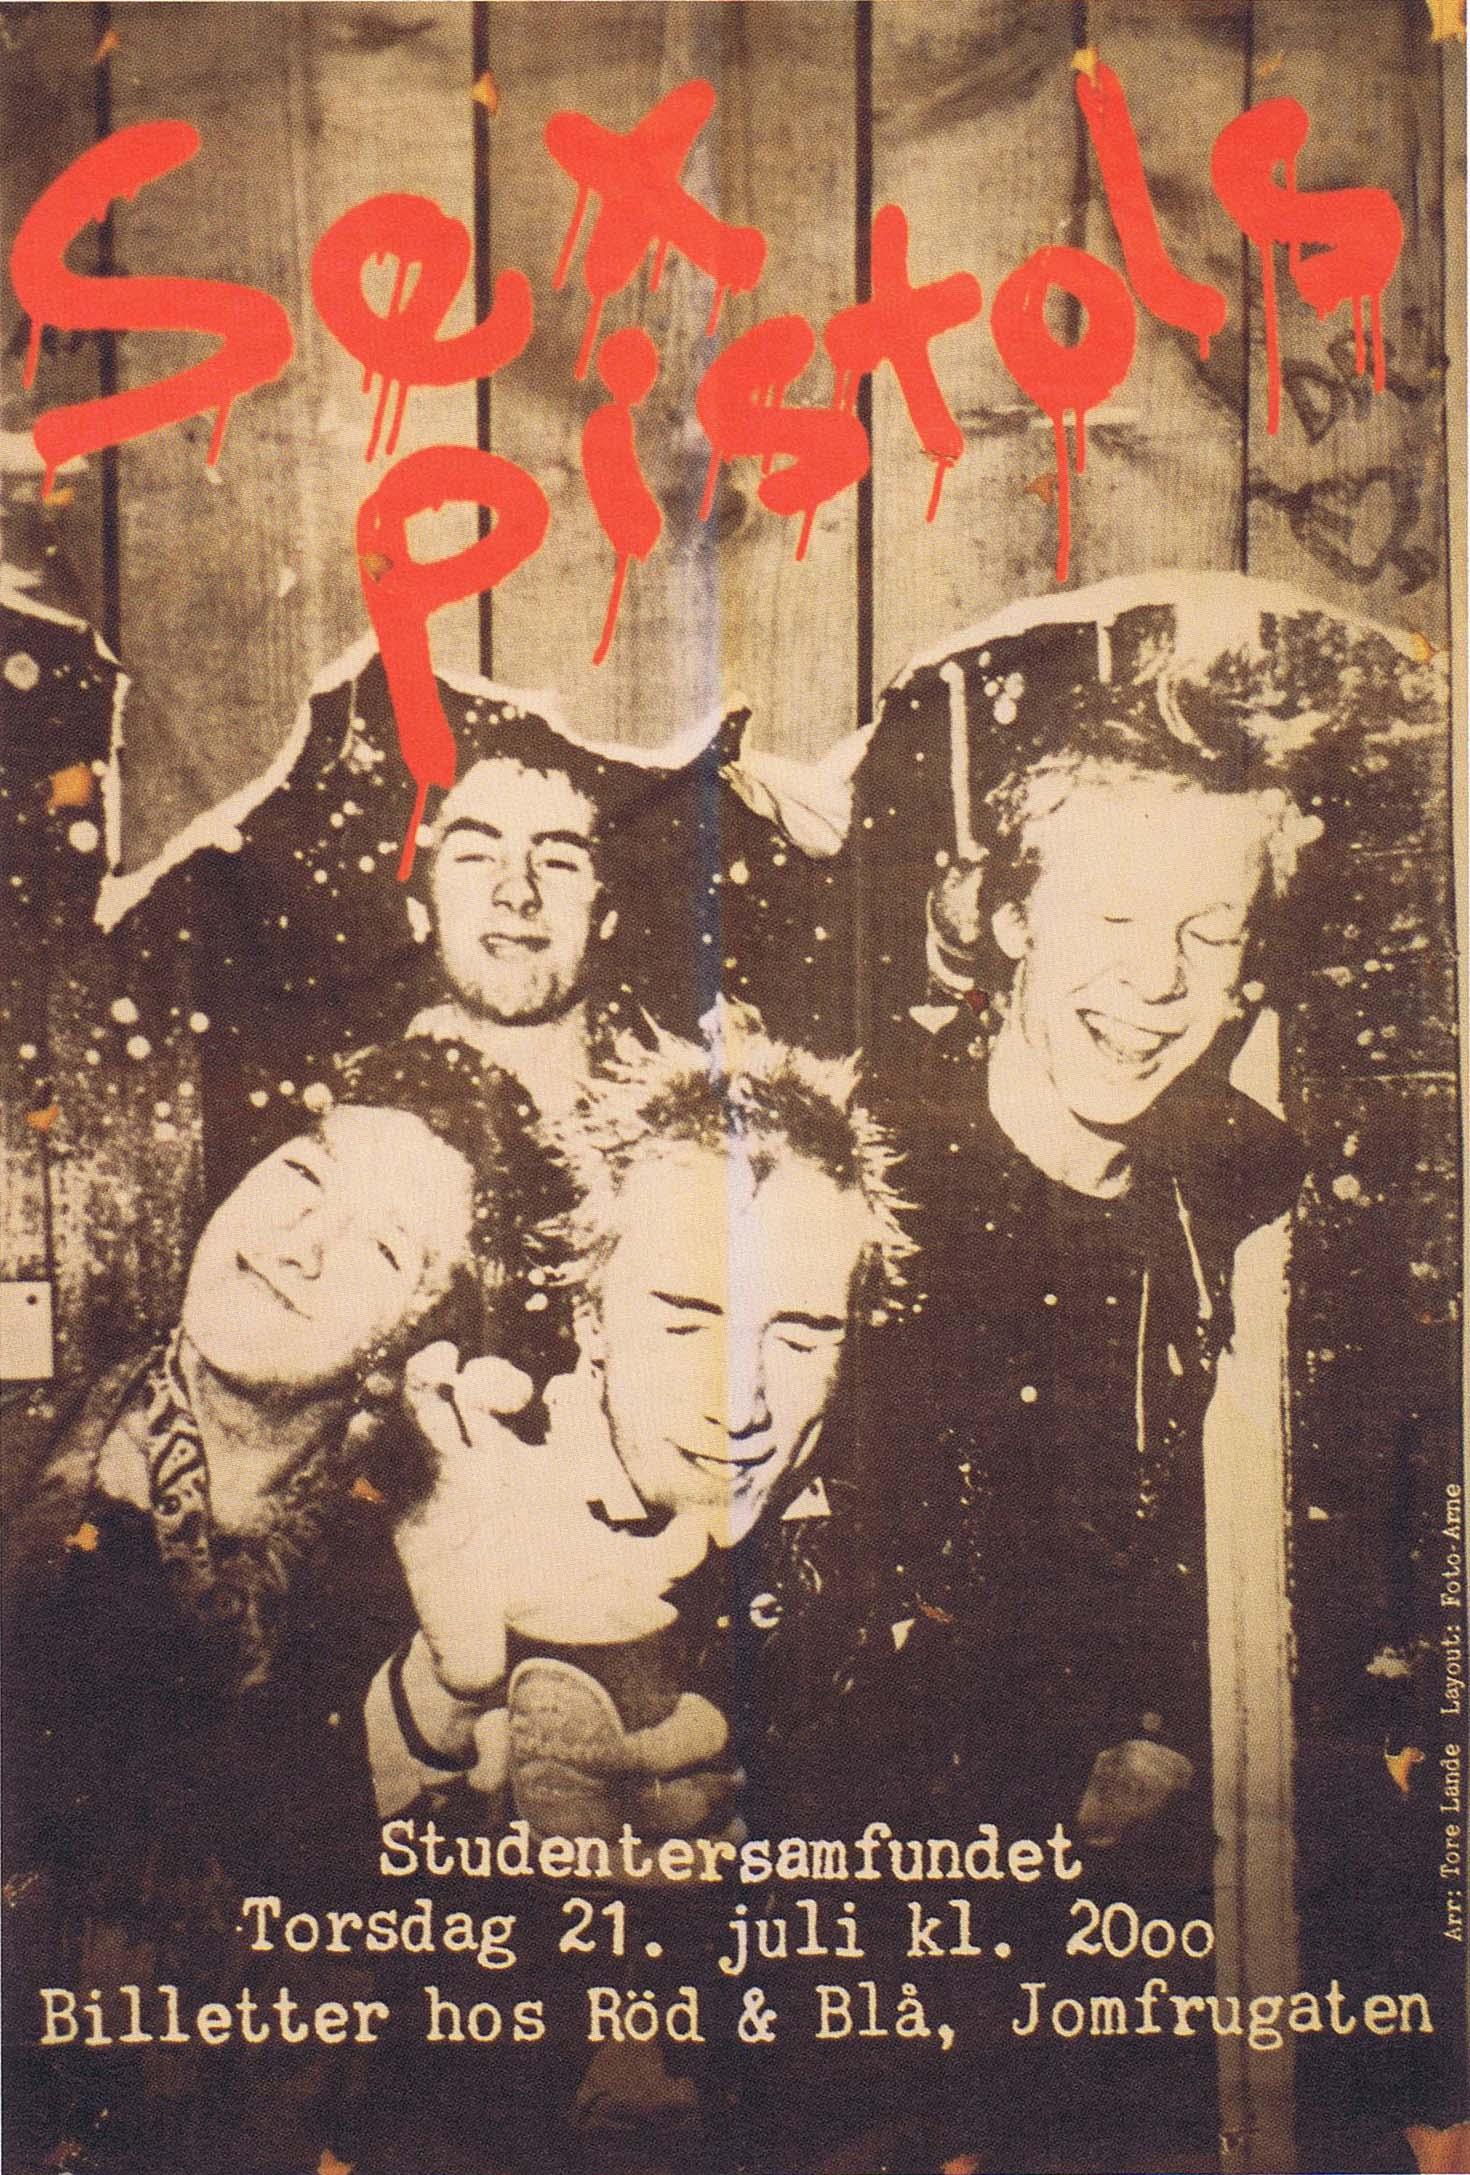 Studenter Samfundet, Trodheim, Norway, July 21st 1977 - Flyer